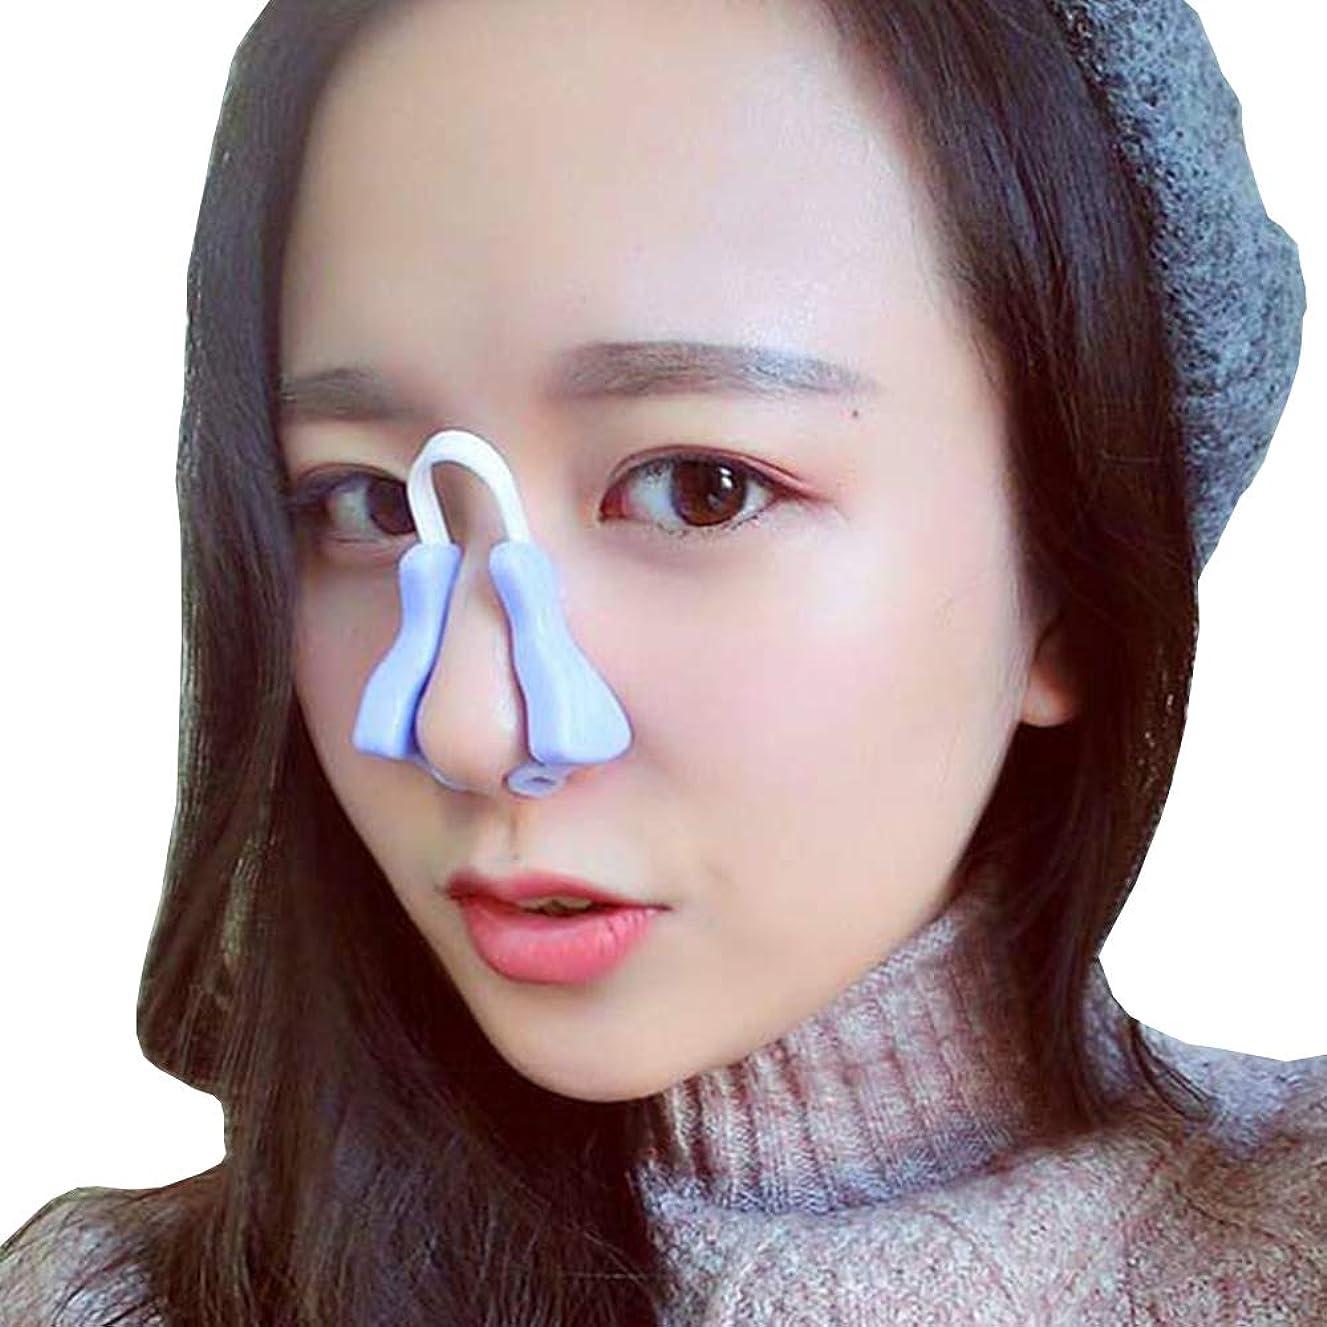 隣接するクリア利得YOE(ヨイ) ノーズアップ 鼻プチ 鼻筋ビューティー ノーズクリップ 美鼻でナイト プチ整形 鼻 矯正 ノーズピン (フリーサイズ, パープル)